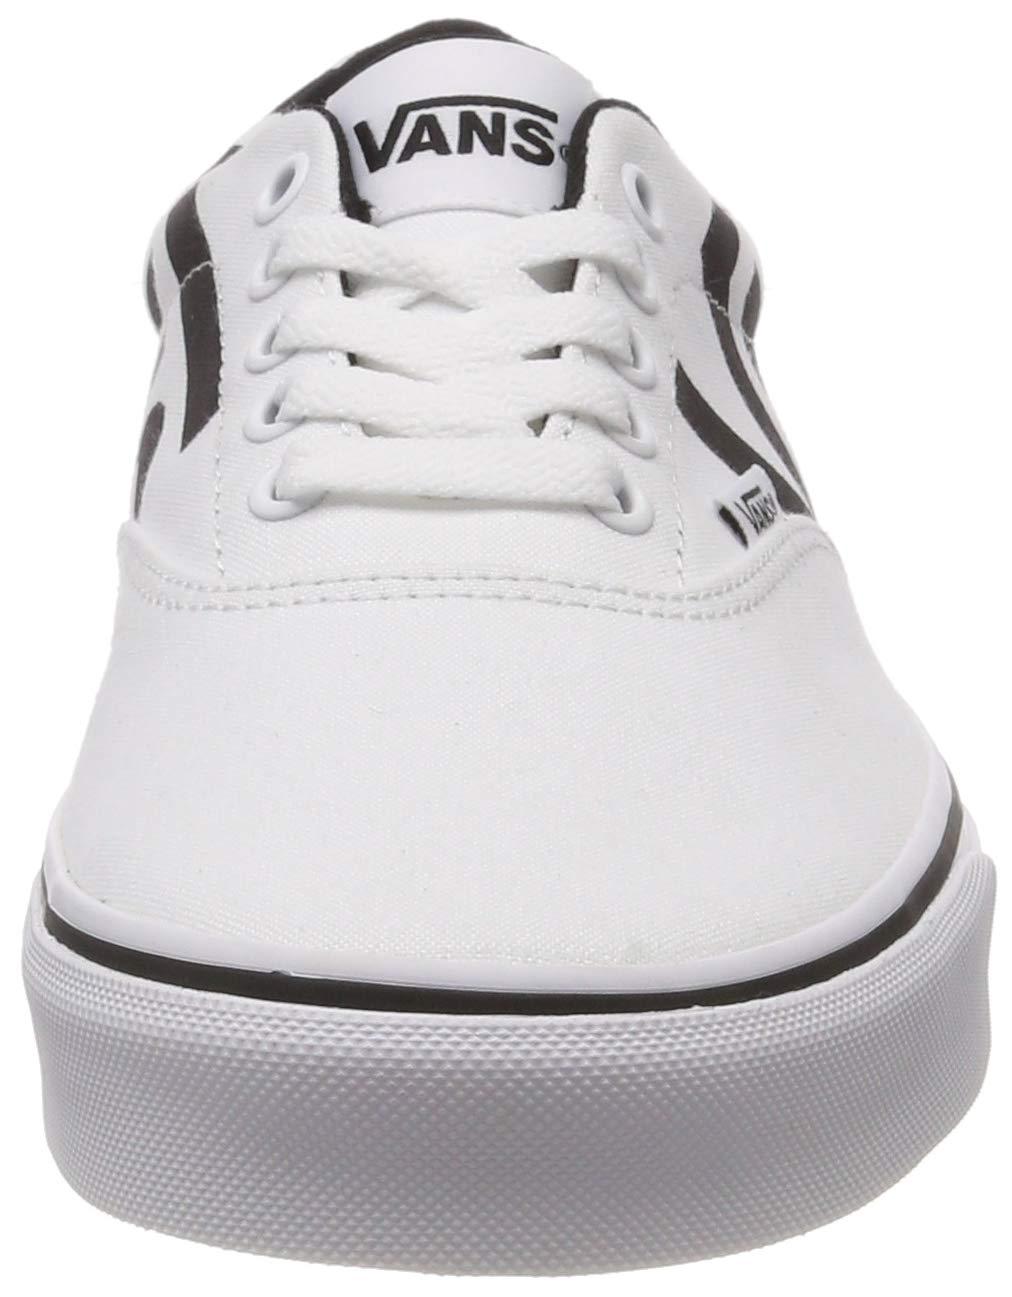 4f5ce2a98039 Vans Men s Doheny Big Logo Low-Top Sneakers